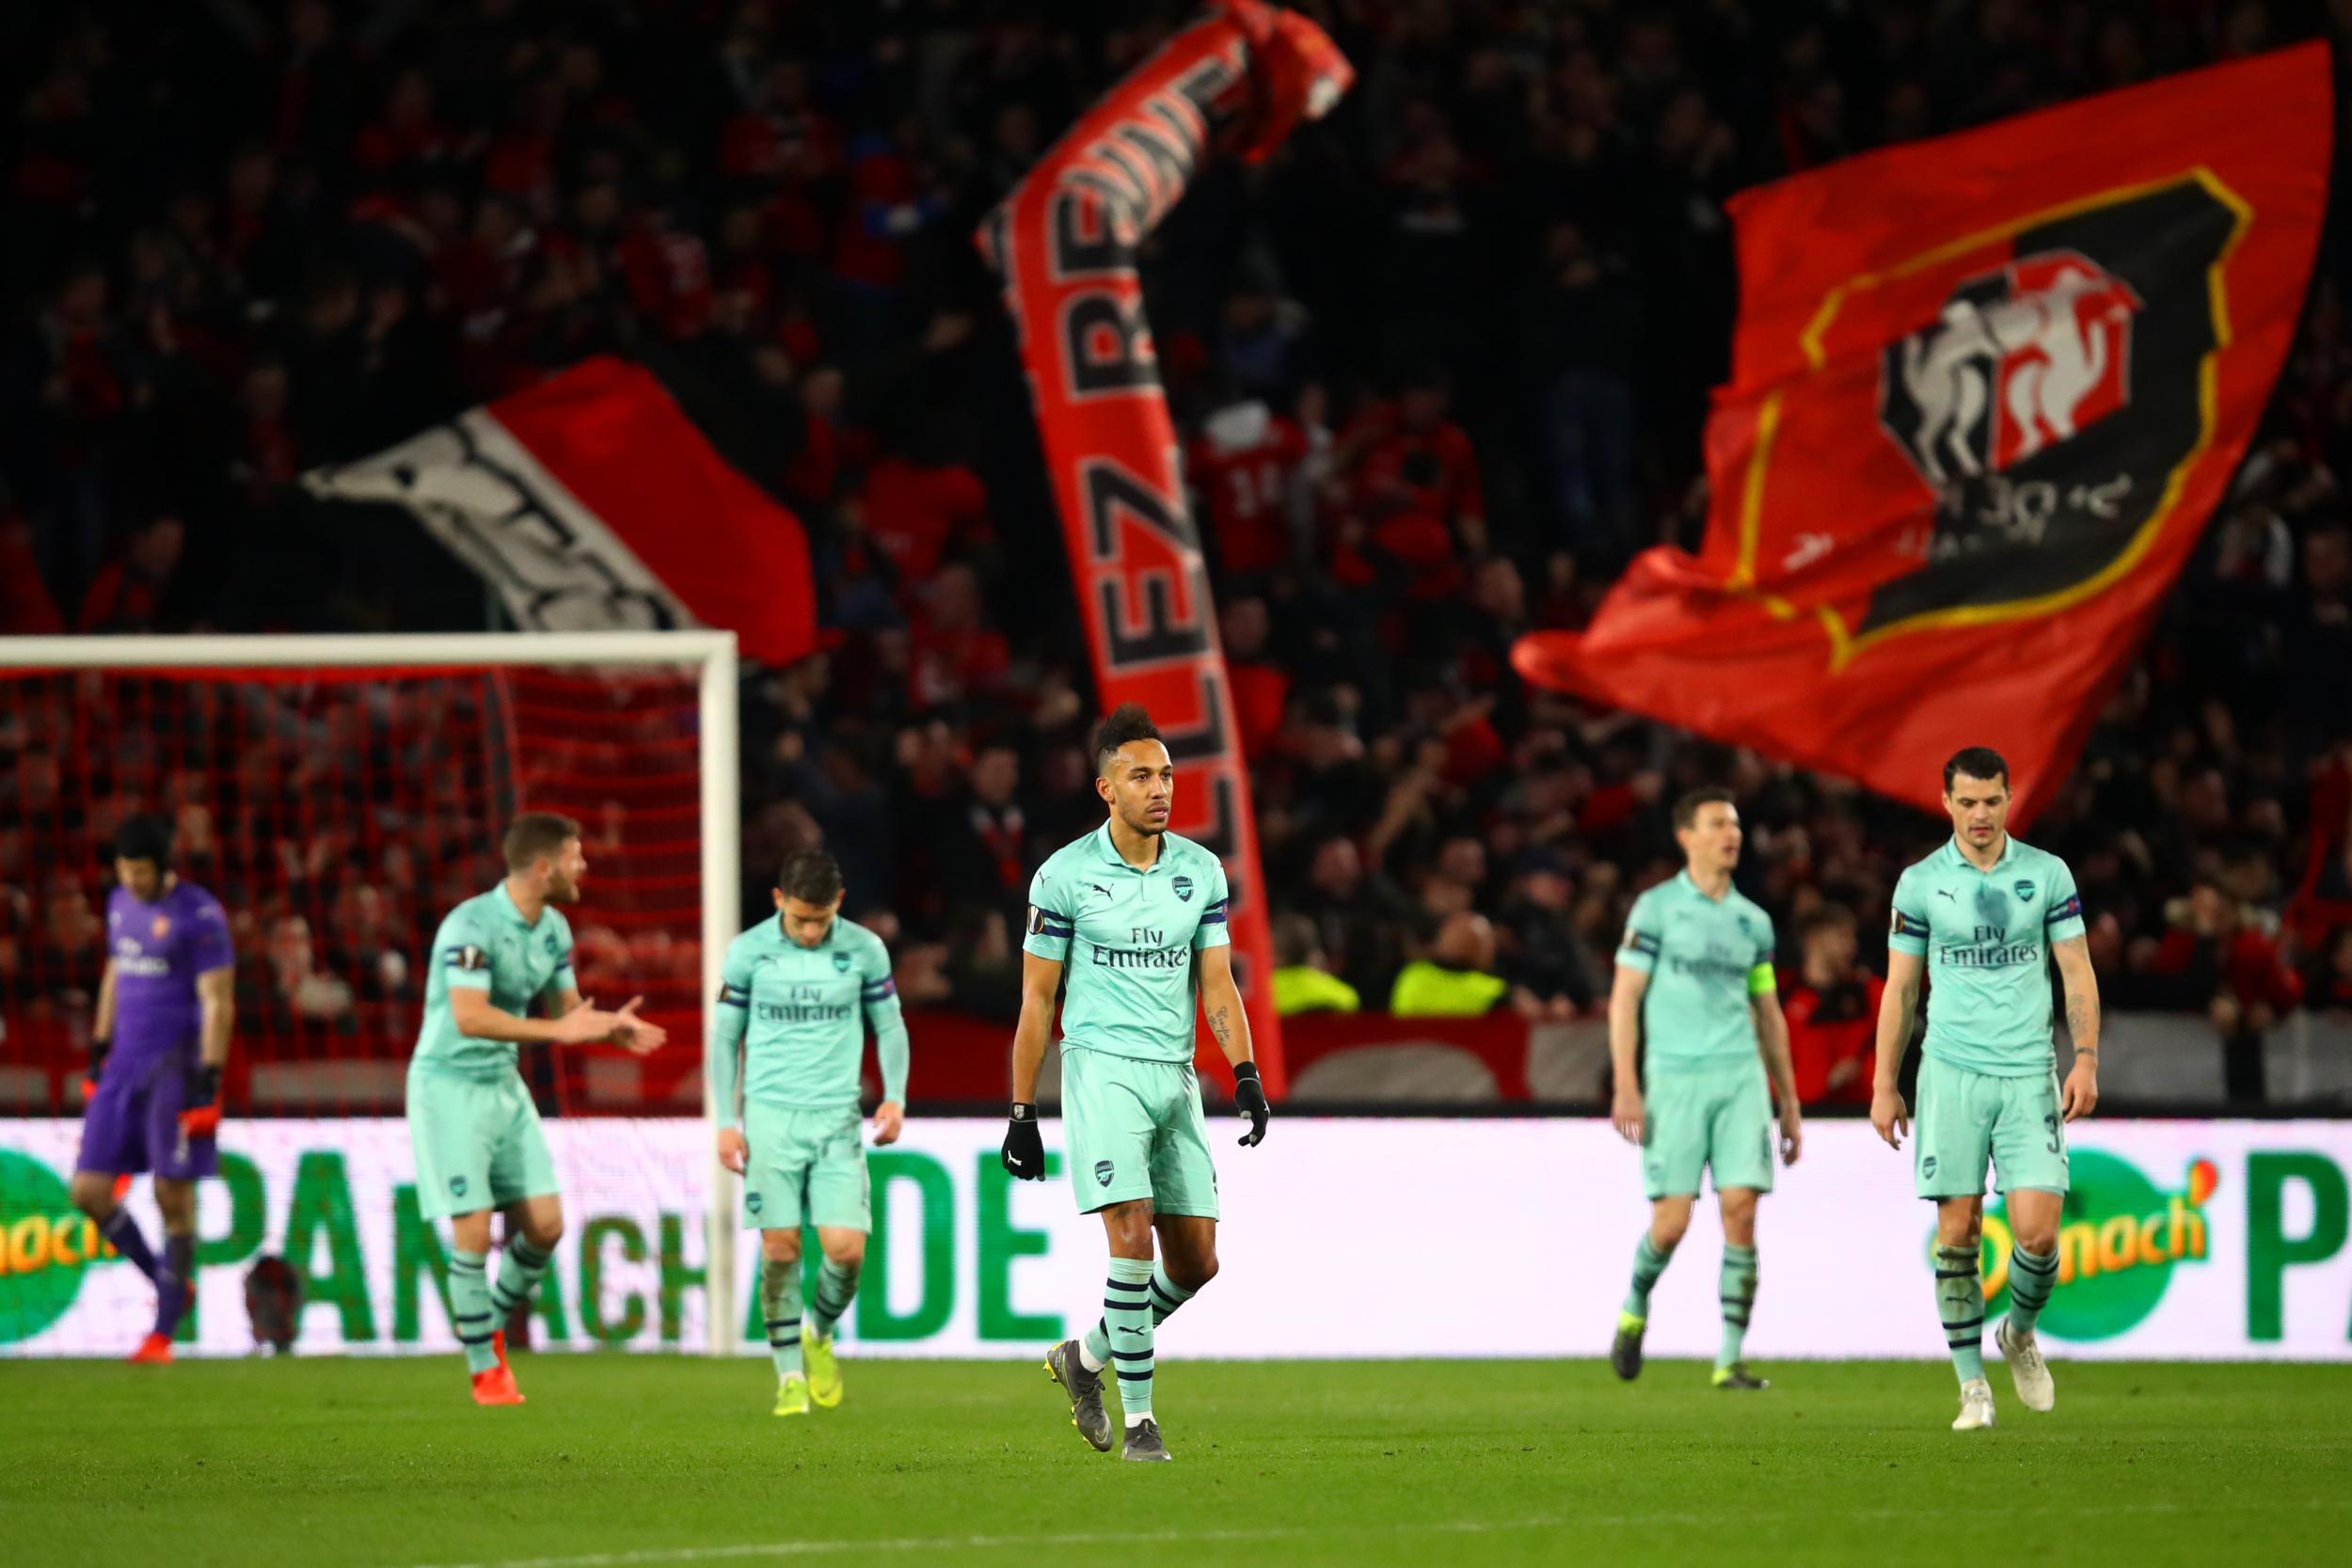 Arsenal không thể cạnh tranh danh hiệu - Kroenke - Bóng Đá